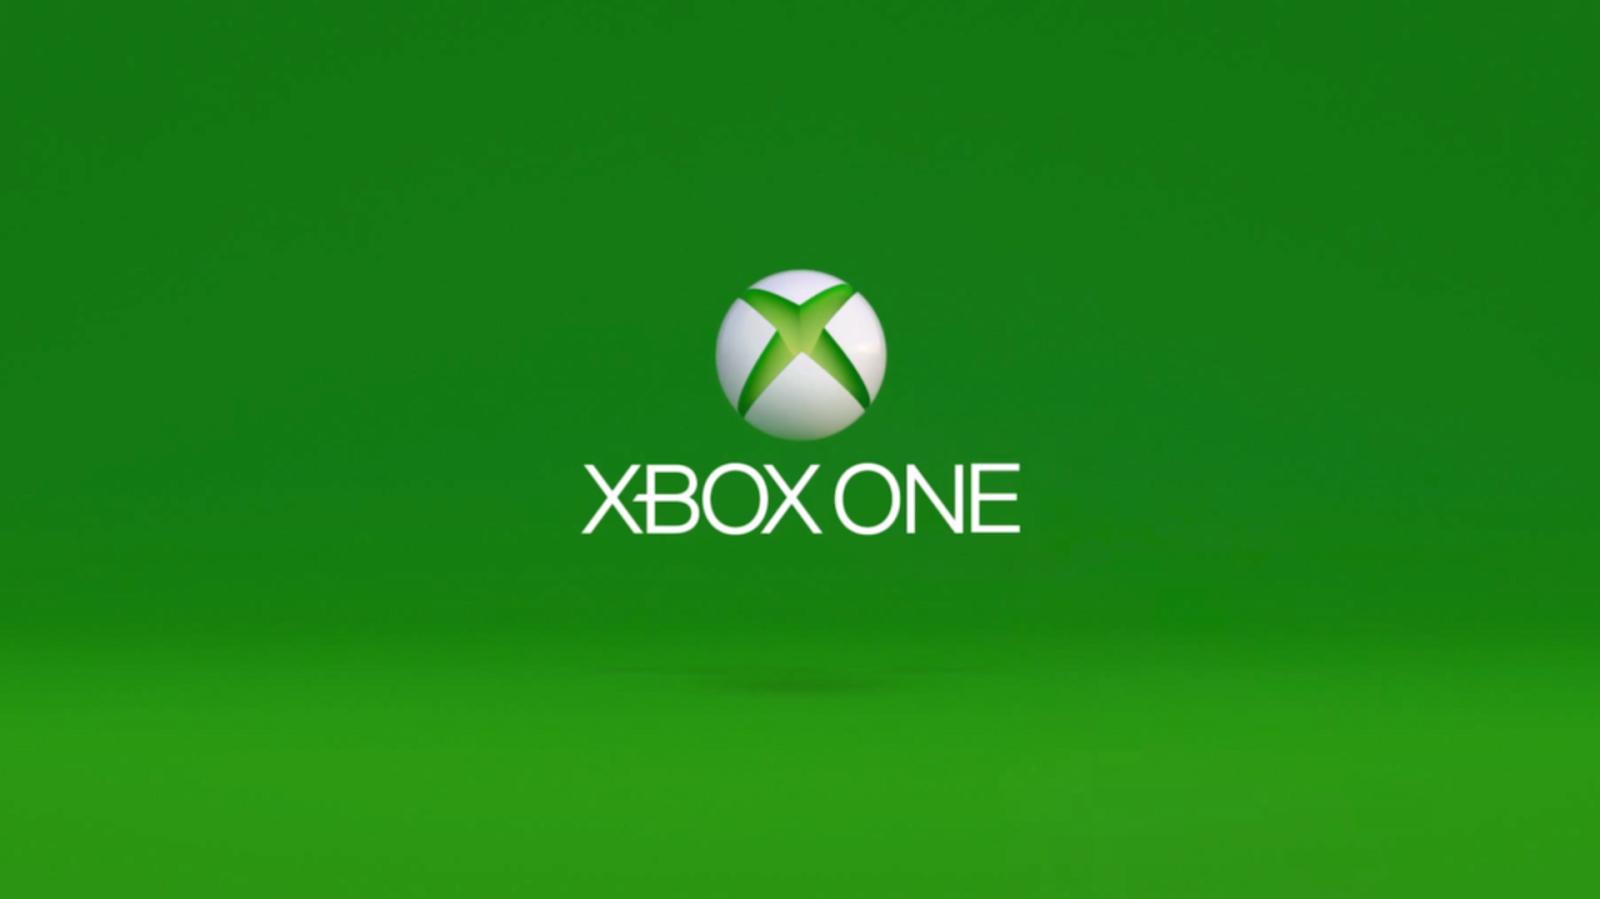 Xbox One Microsoft Windows